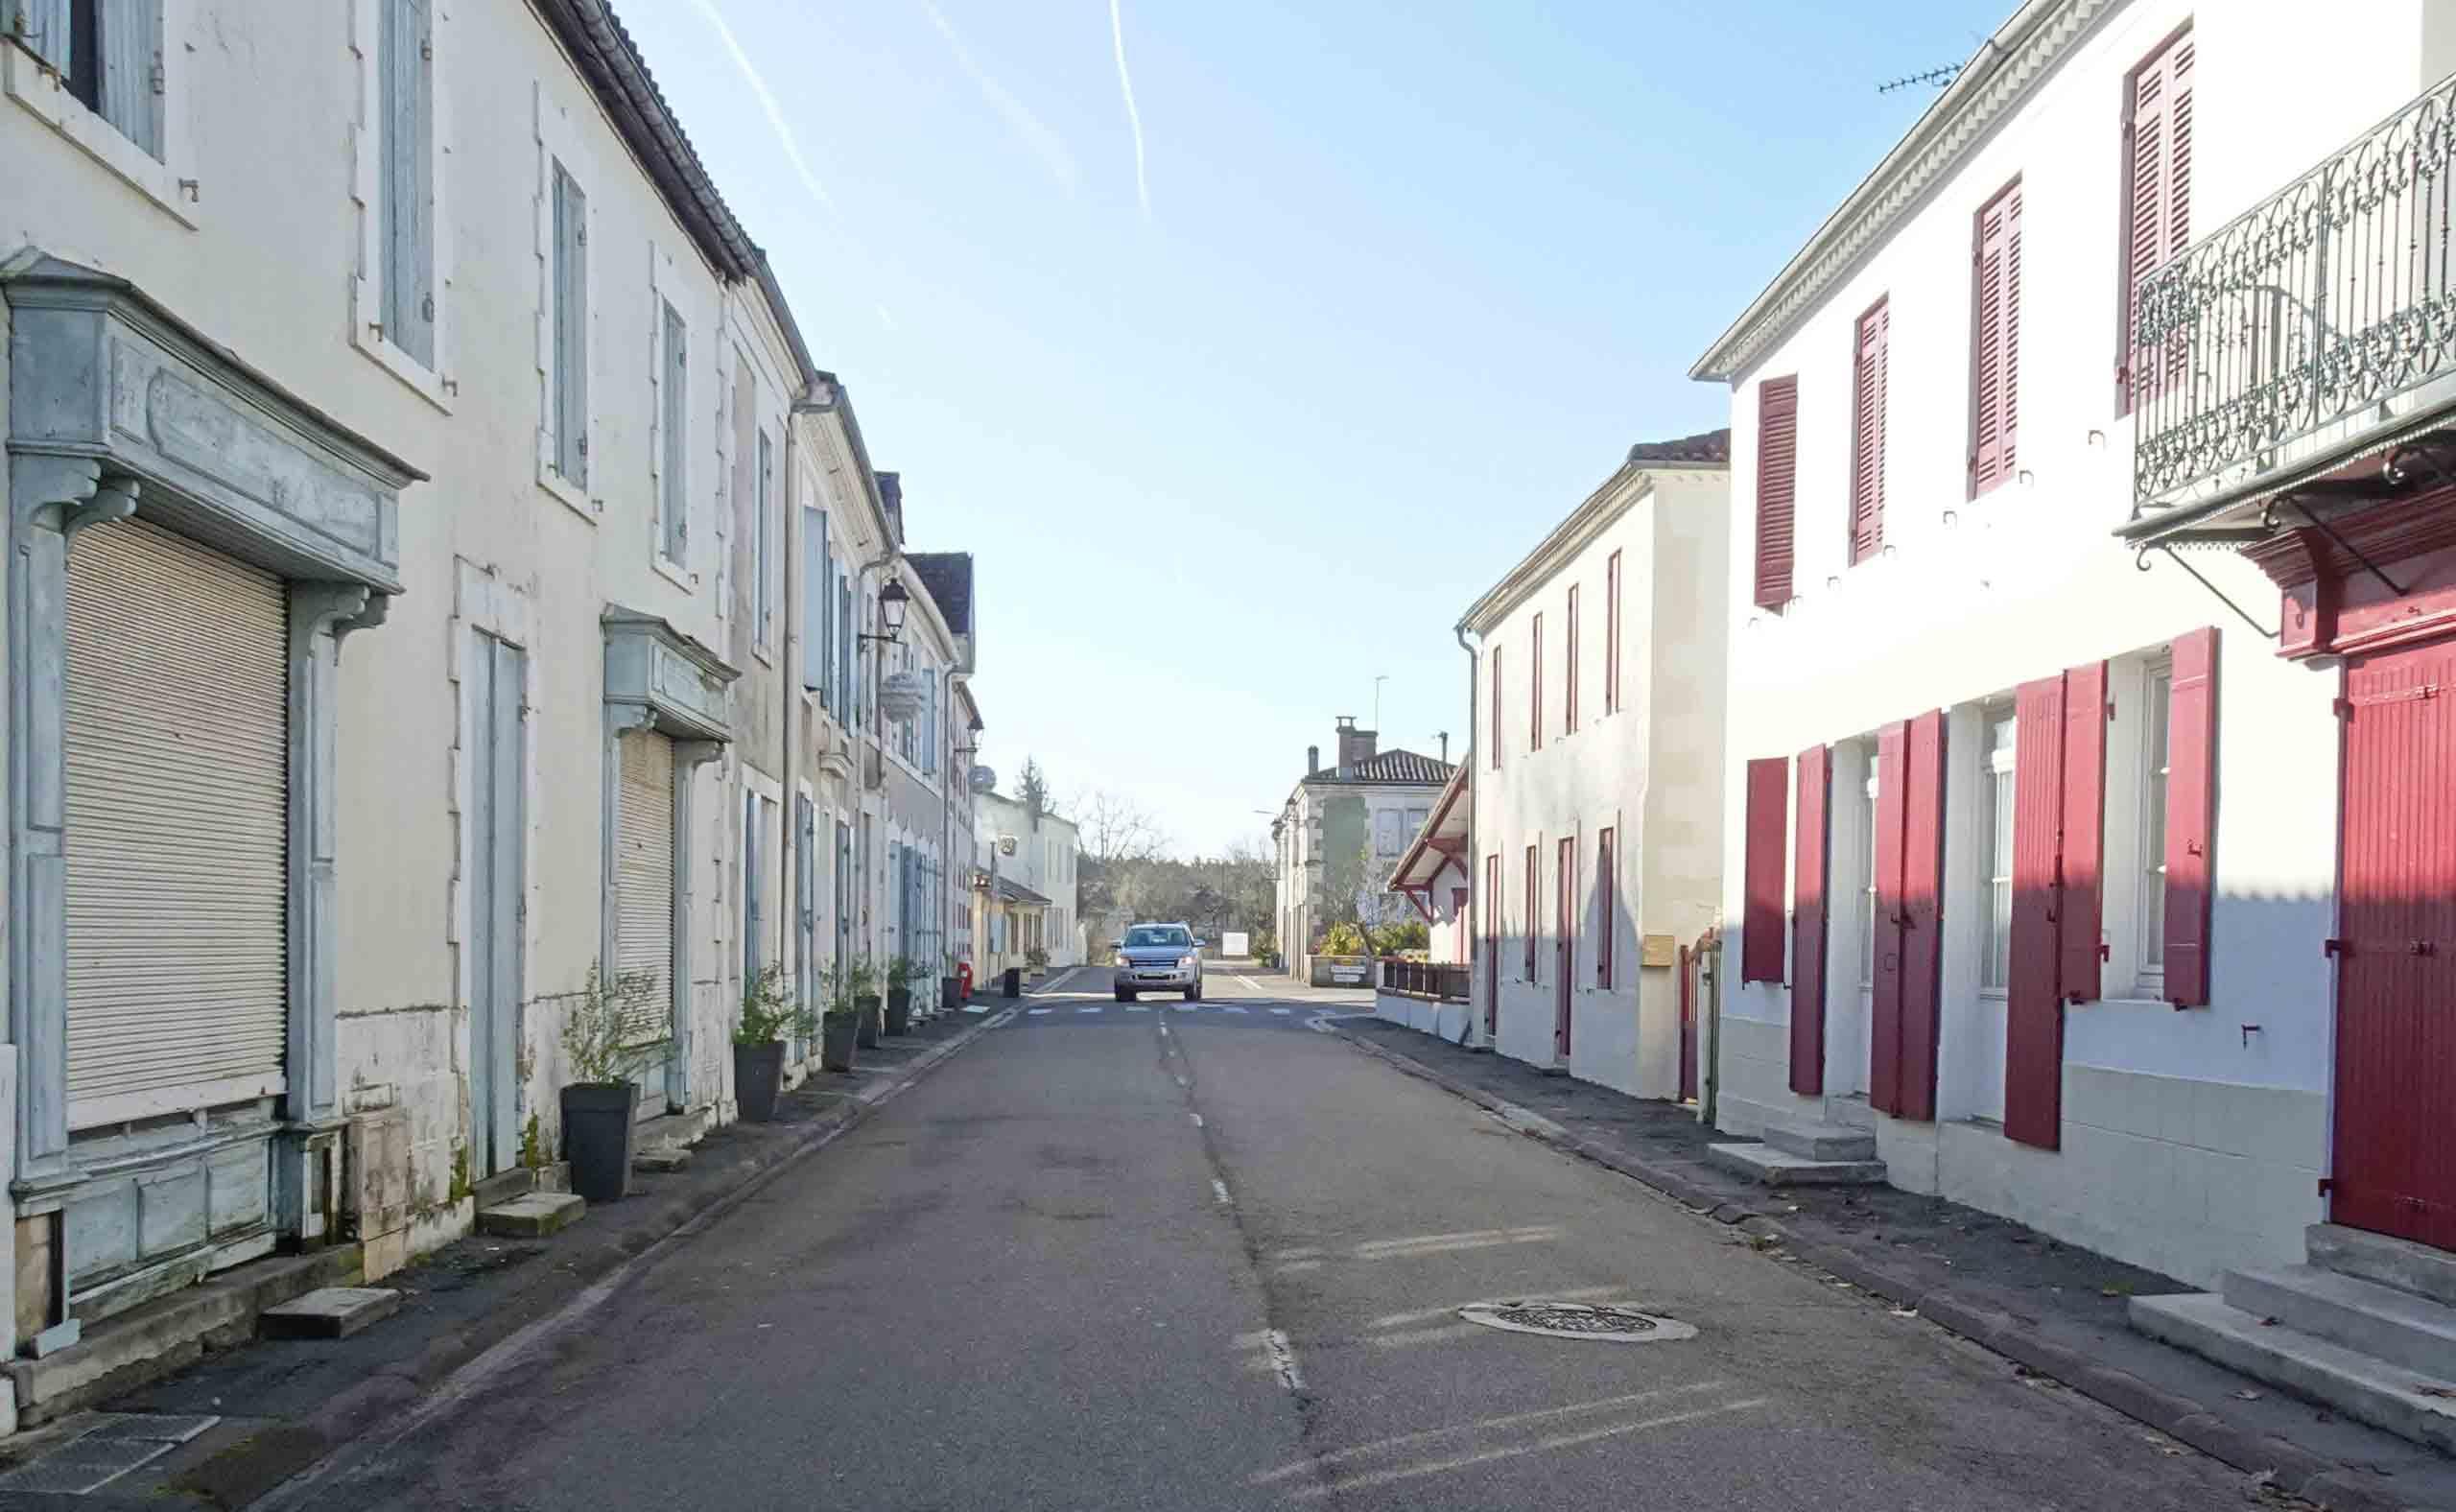 Luxey - Grande rue en 2019